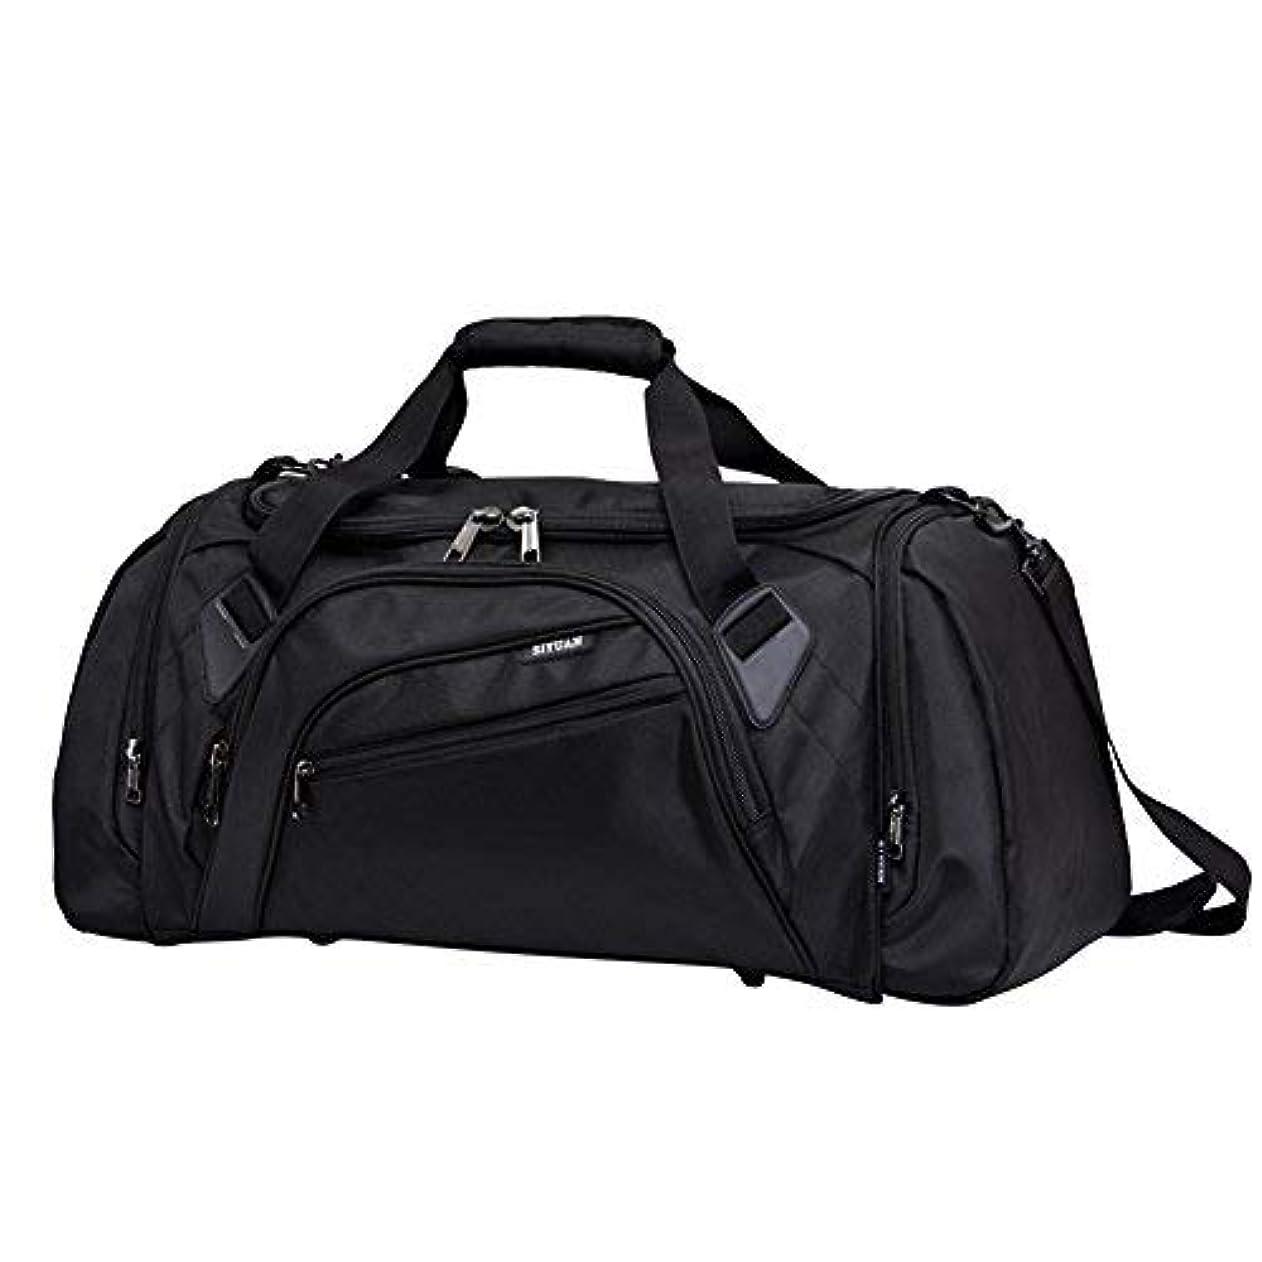 後難民気になるSIYUAN Athletic Duffel Bag Basketball Volleyball Duffel Bag with Shoes Compartment for Men and WomenBlackLarge [並行輸入品]